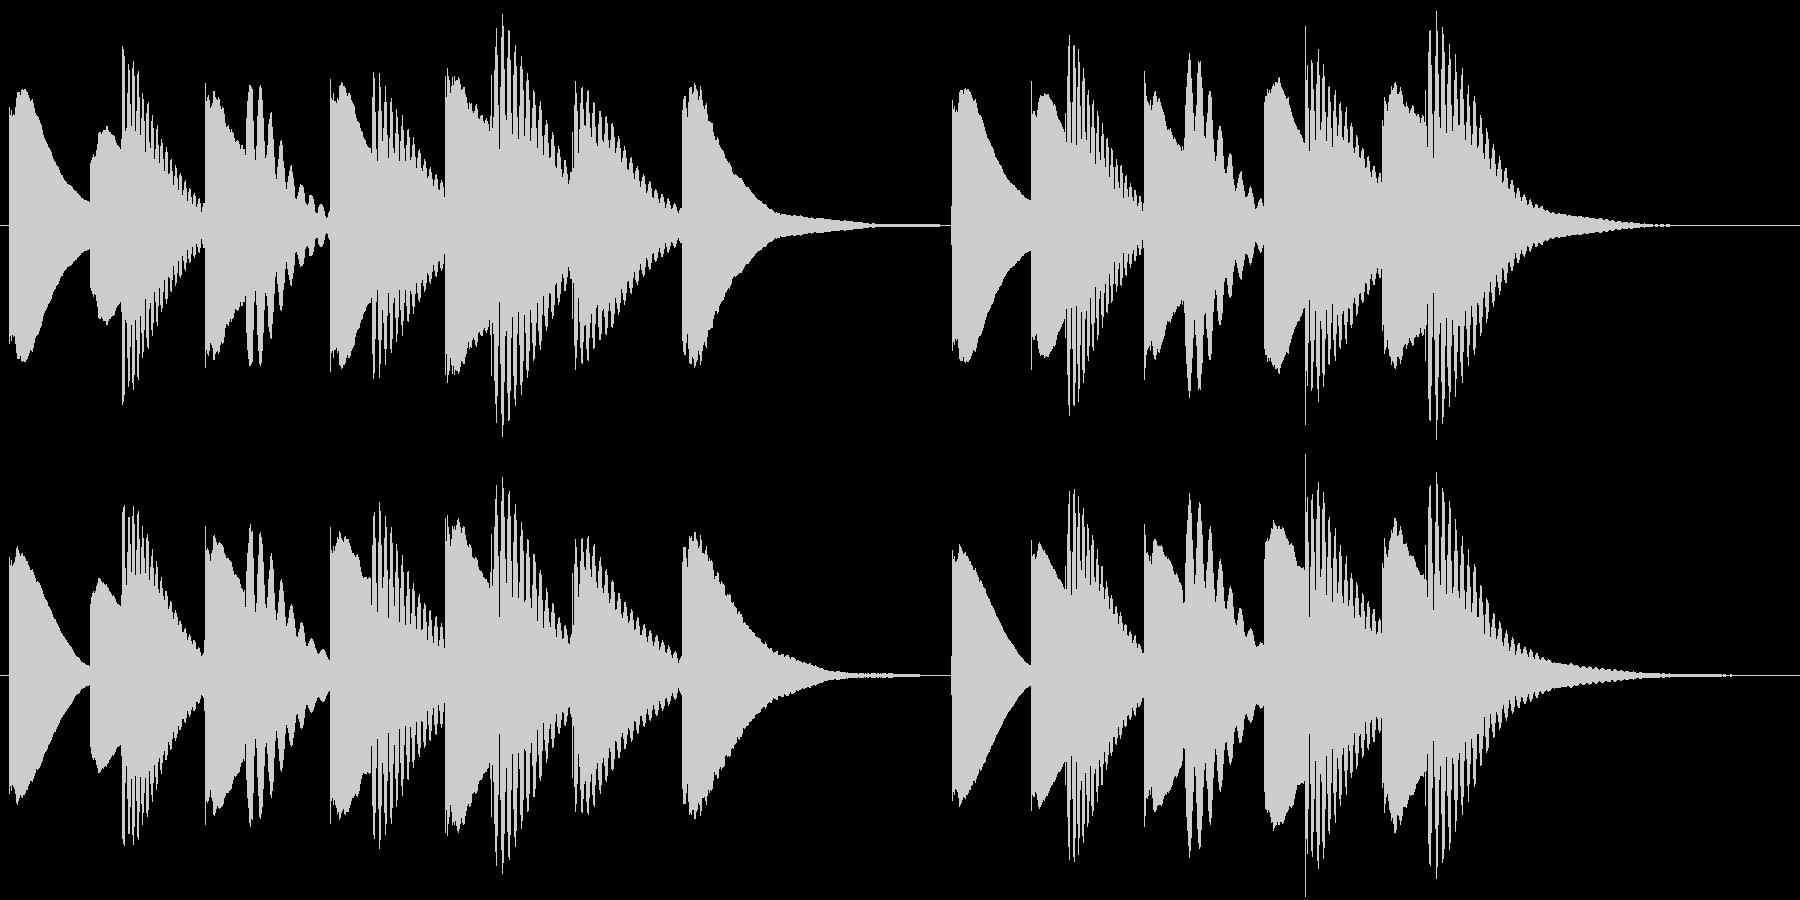 ジングル 木琴 軽快 元気の未再生の波形